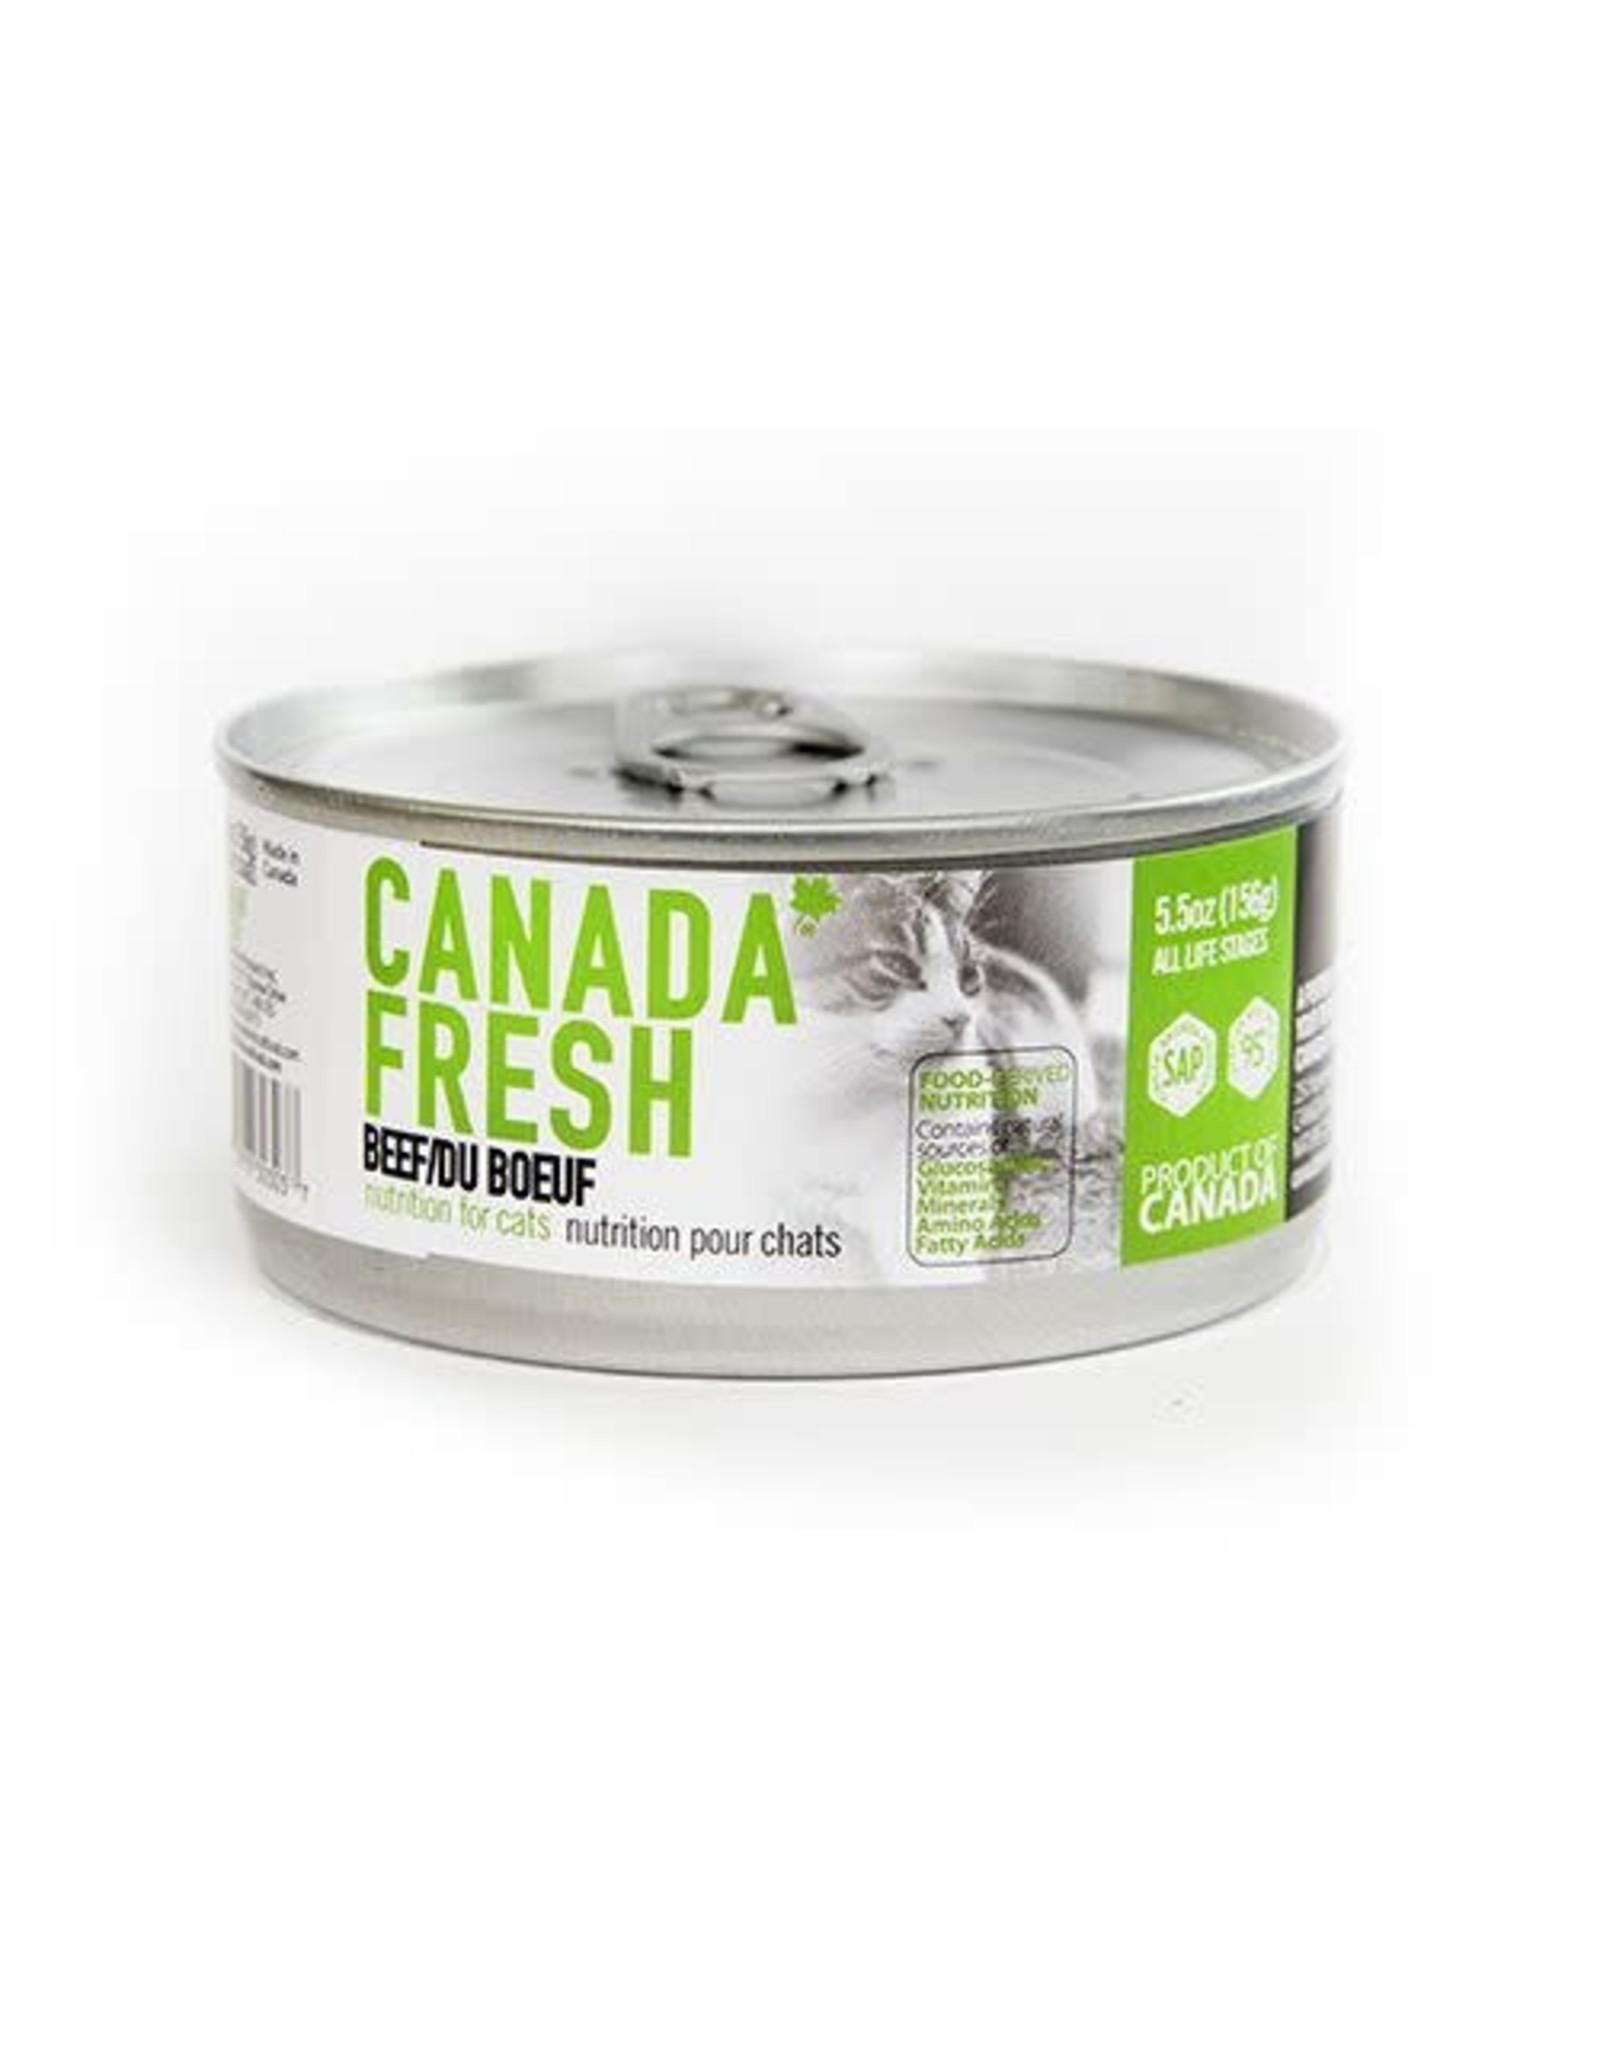 Canada Fresh Canada Fresh beef 3oz